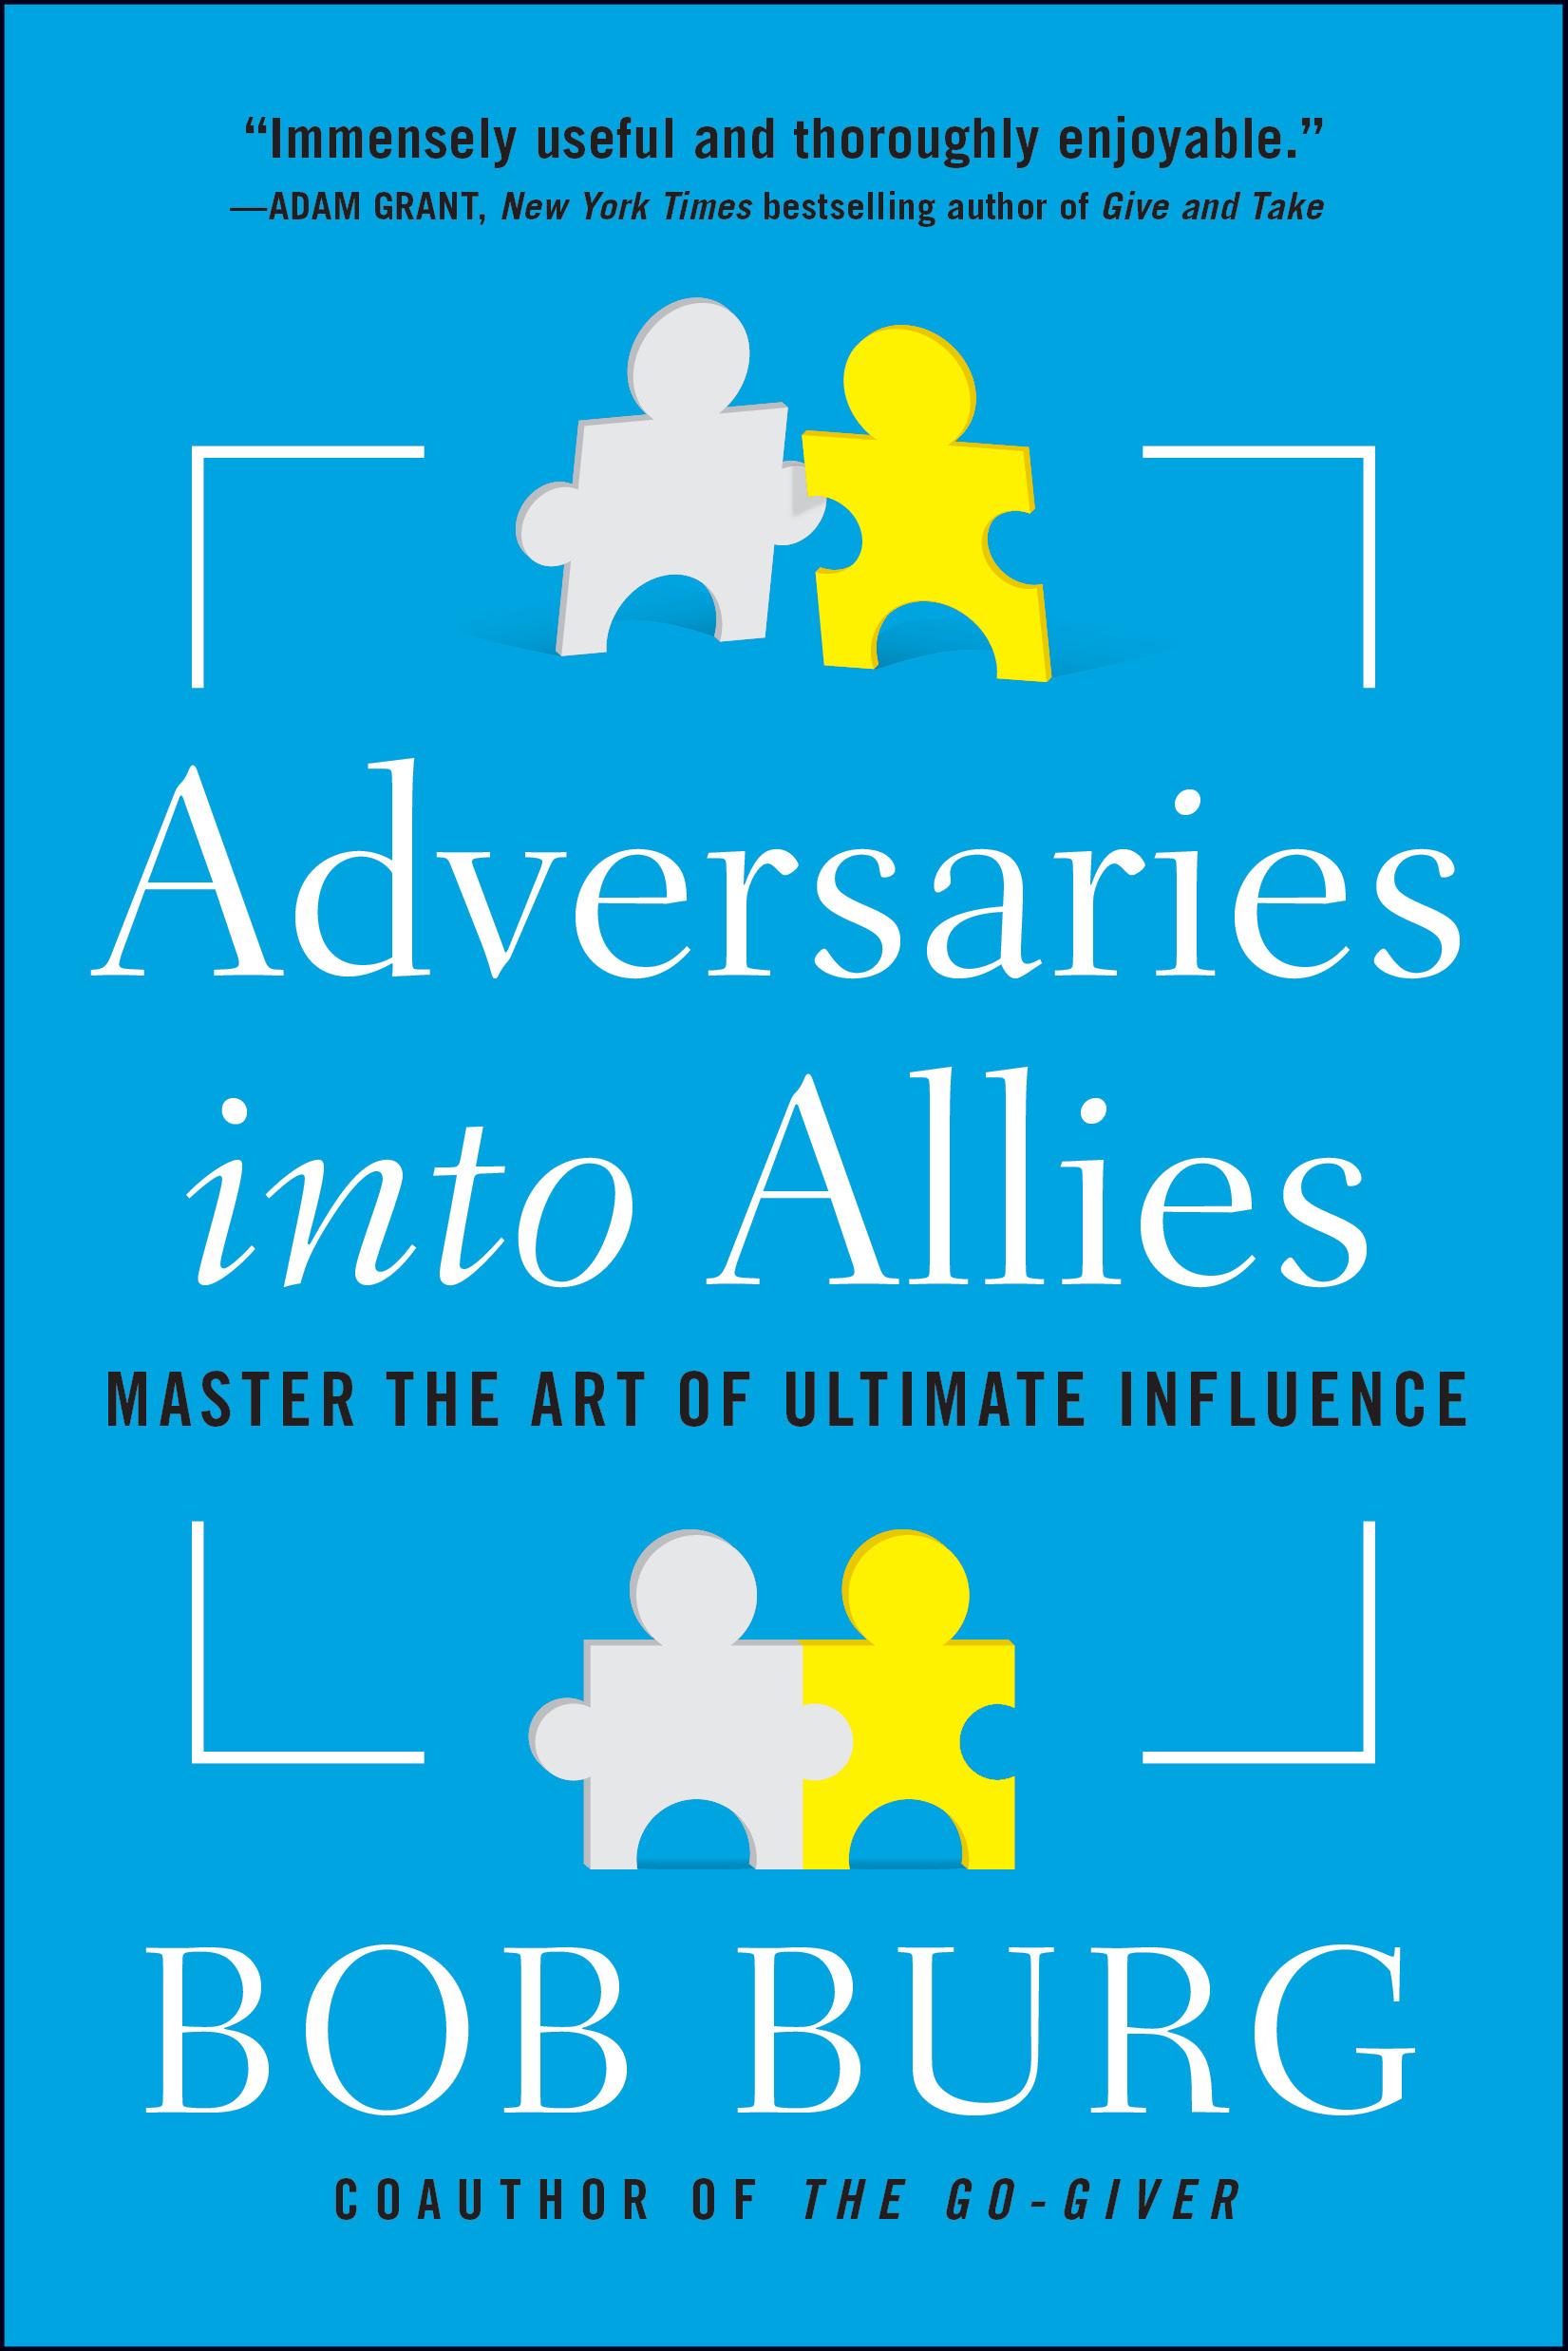 Adversaries into Allies PB final1.jpg